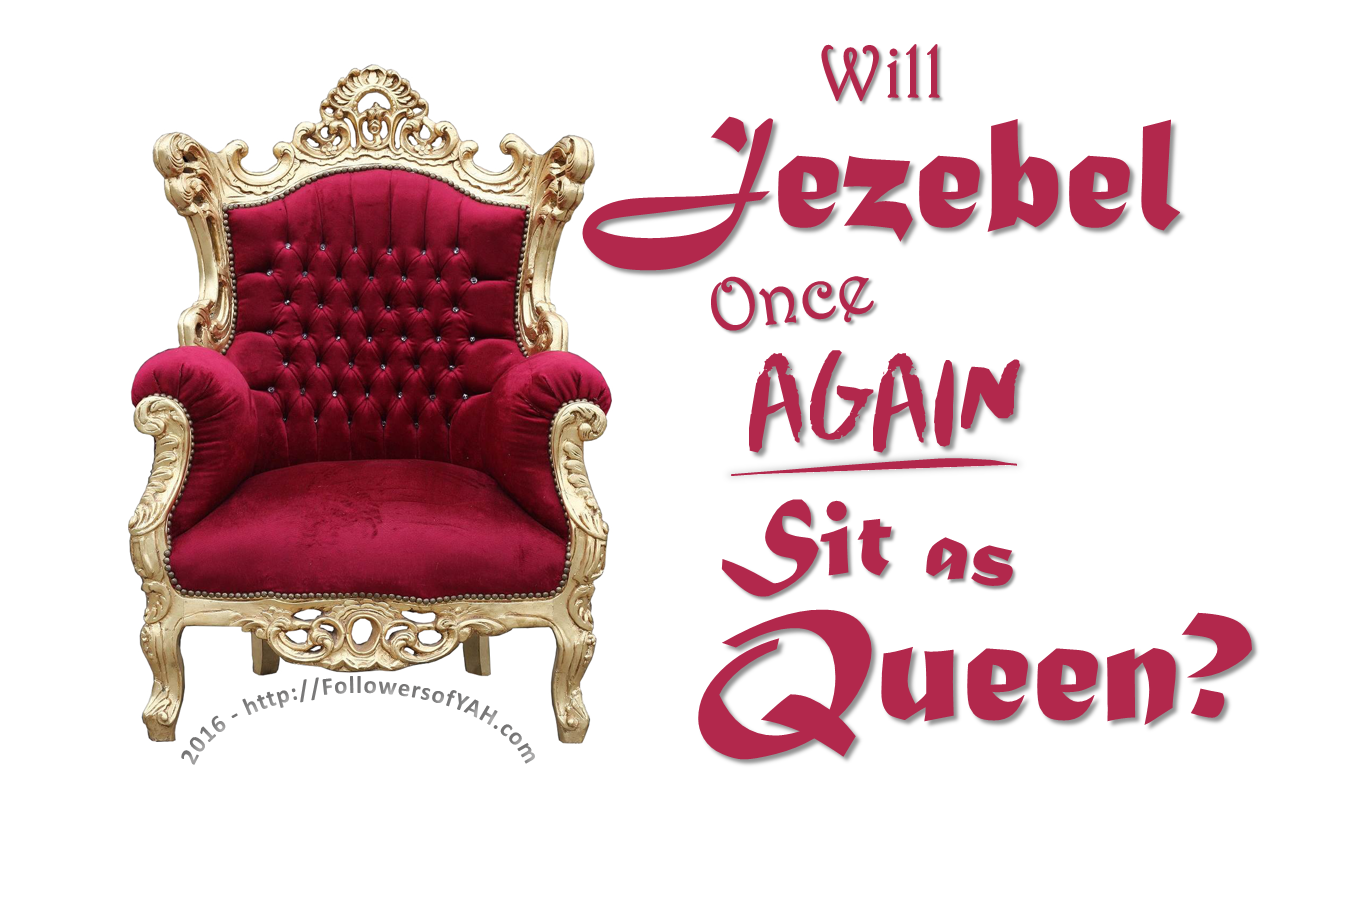 jezebel-banner